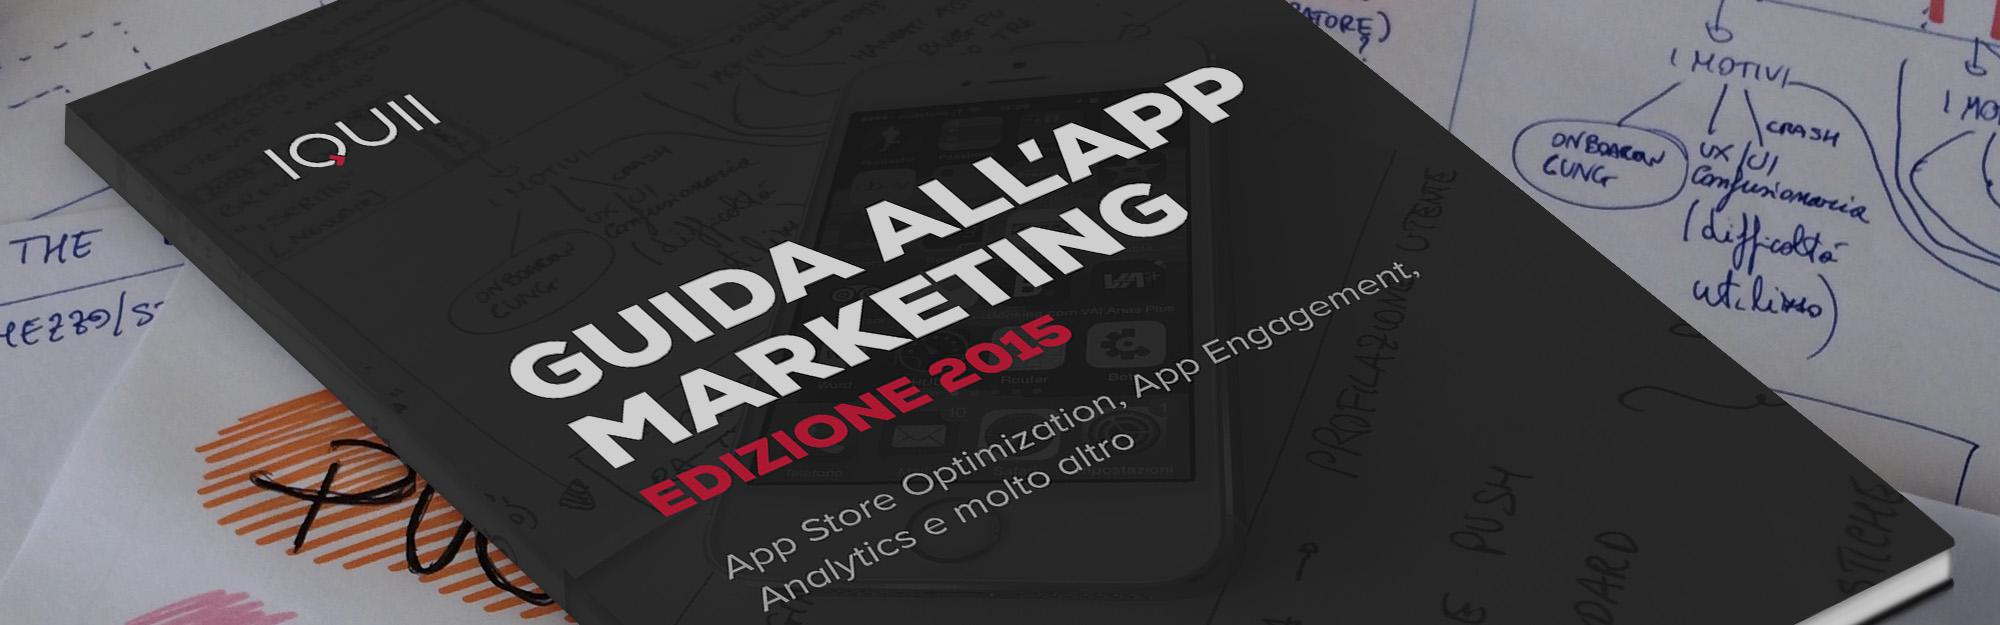 Guida all'App Marketing, edizione 2015 [IQUII Ebook]